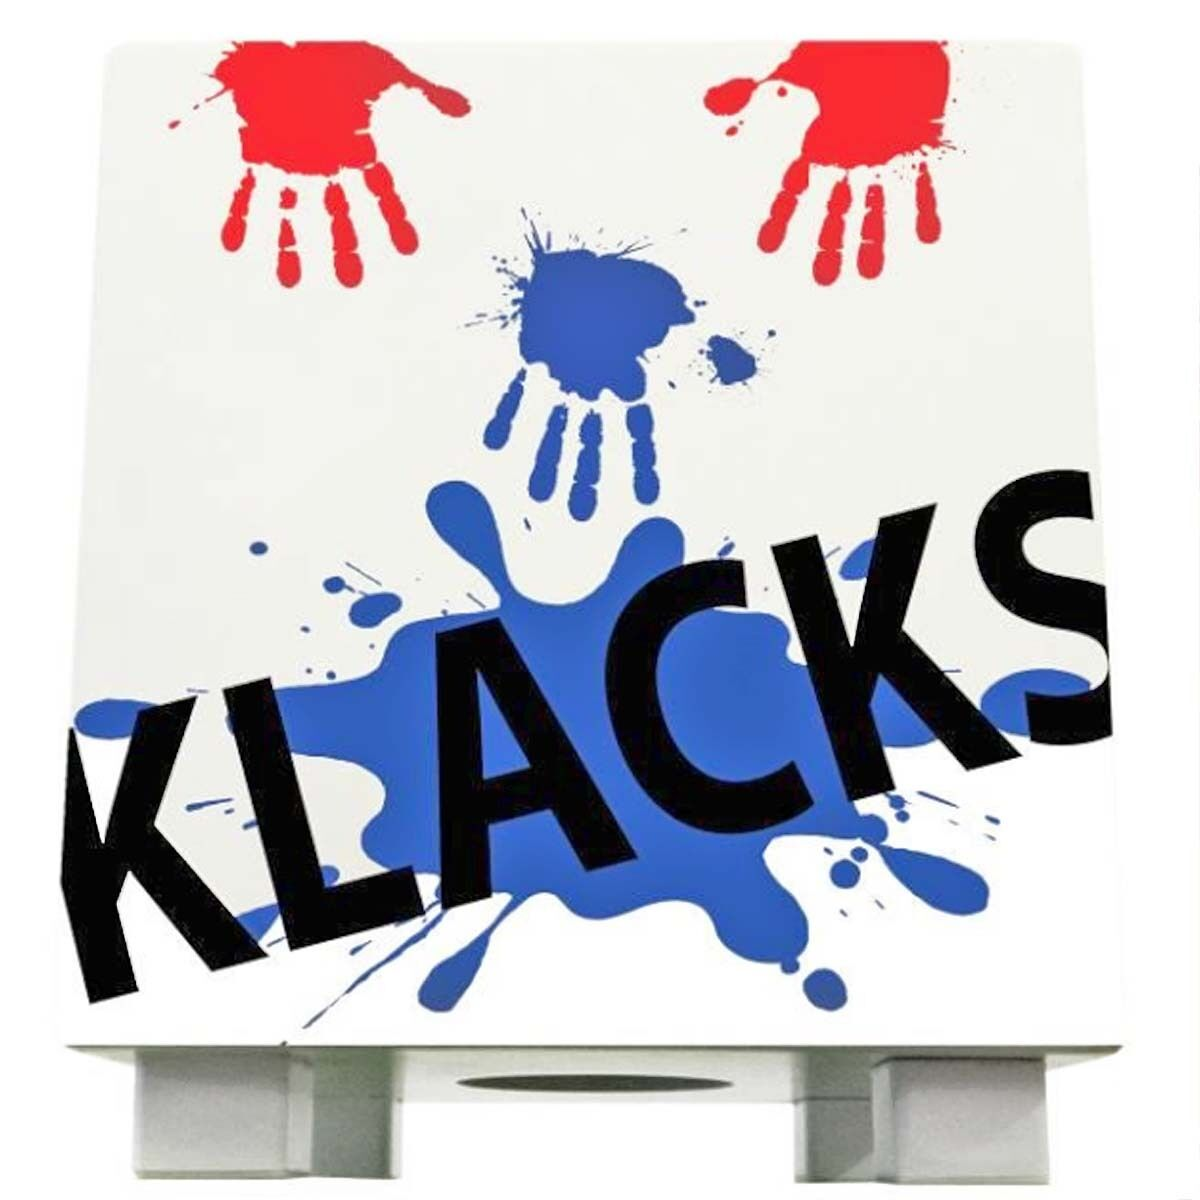 Finalmente Klacks trommelhocker blancoo Cajon Para Niños